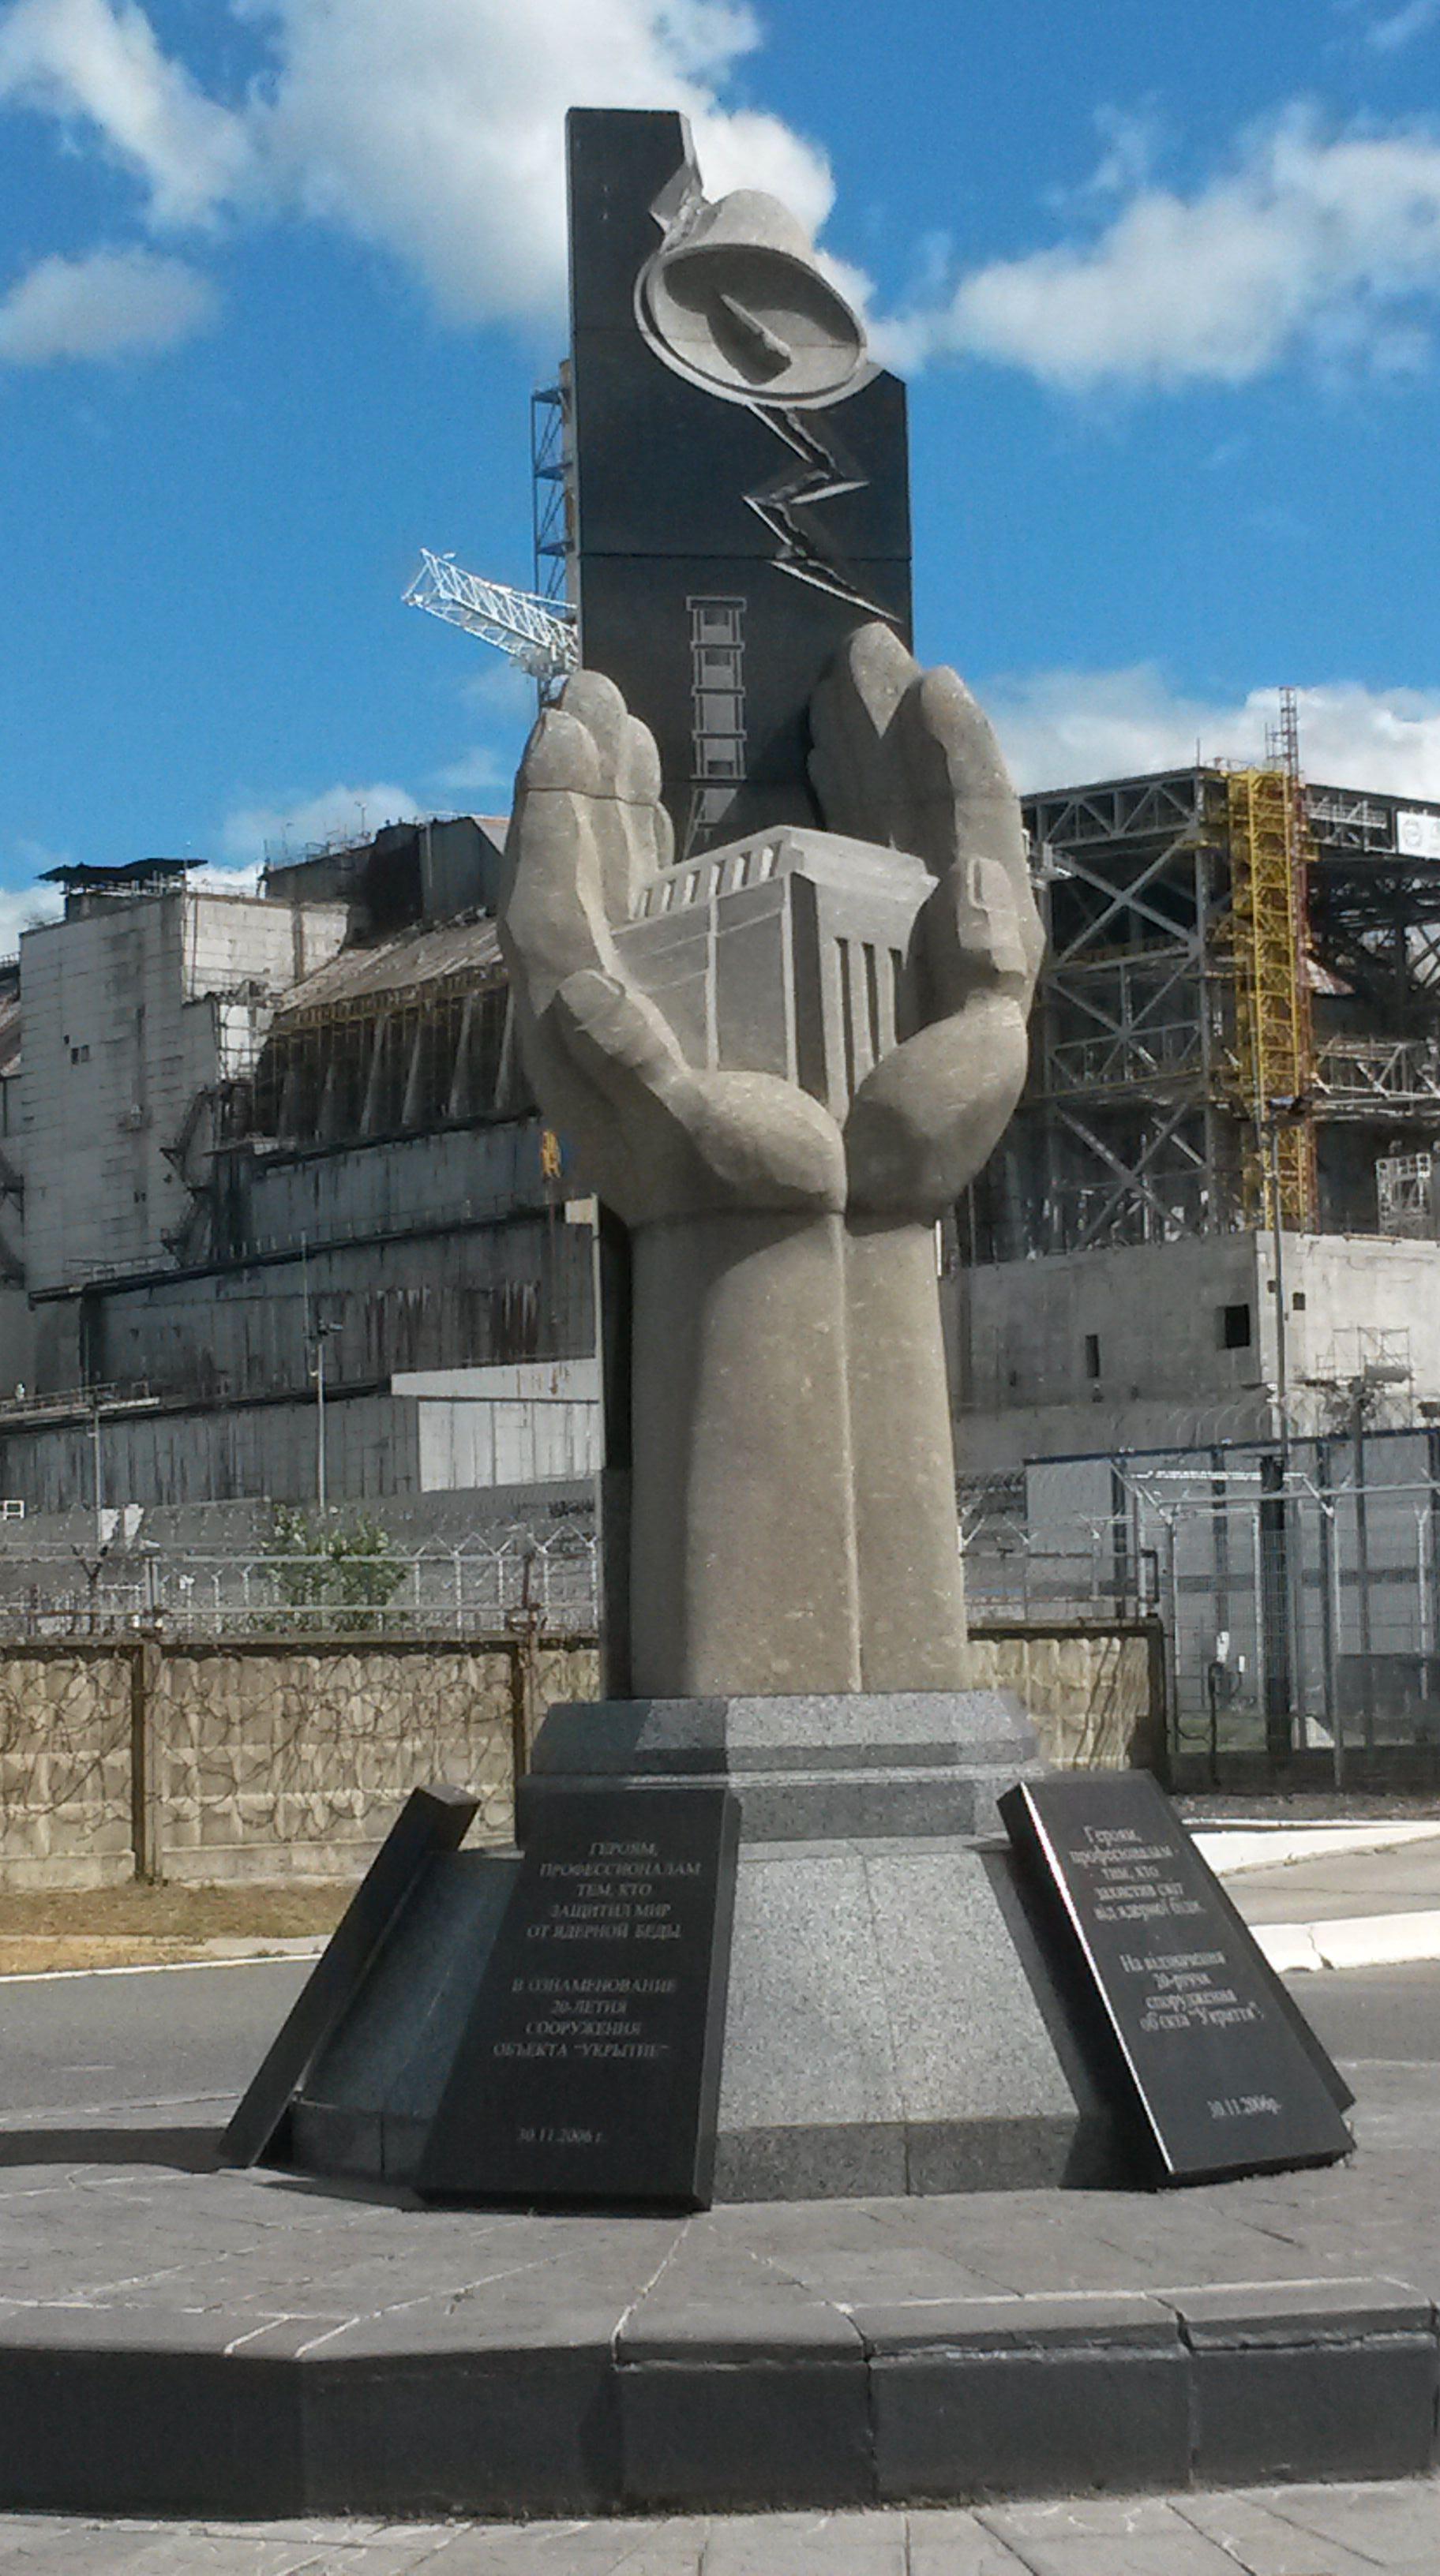 4 numaralı reaktör ve anıt